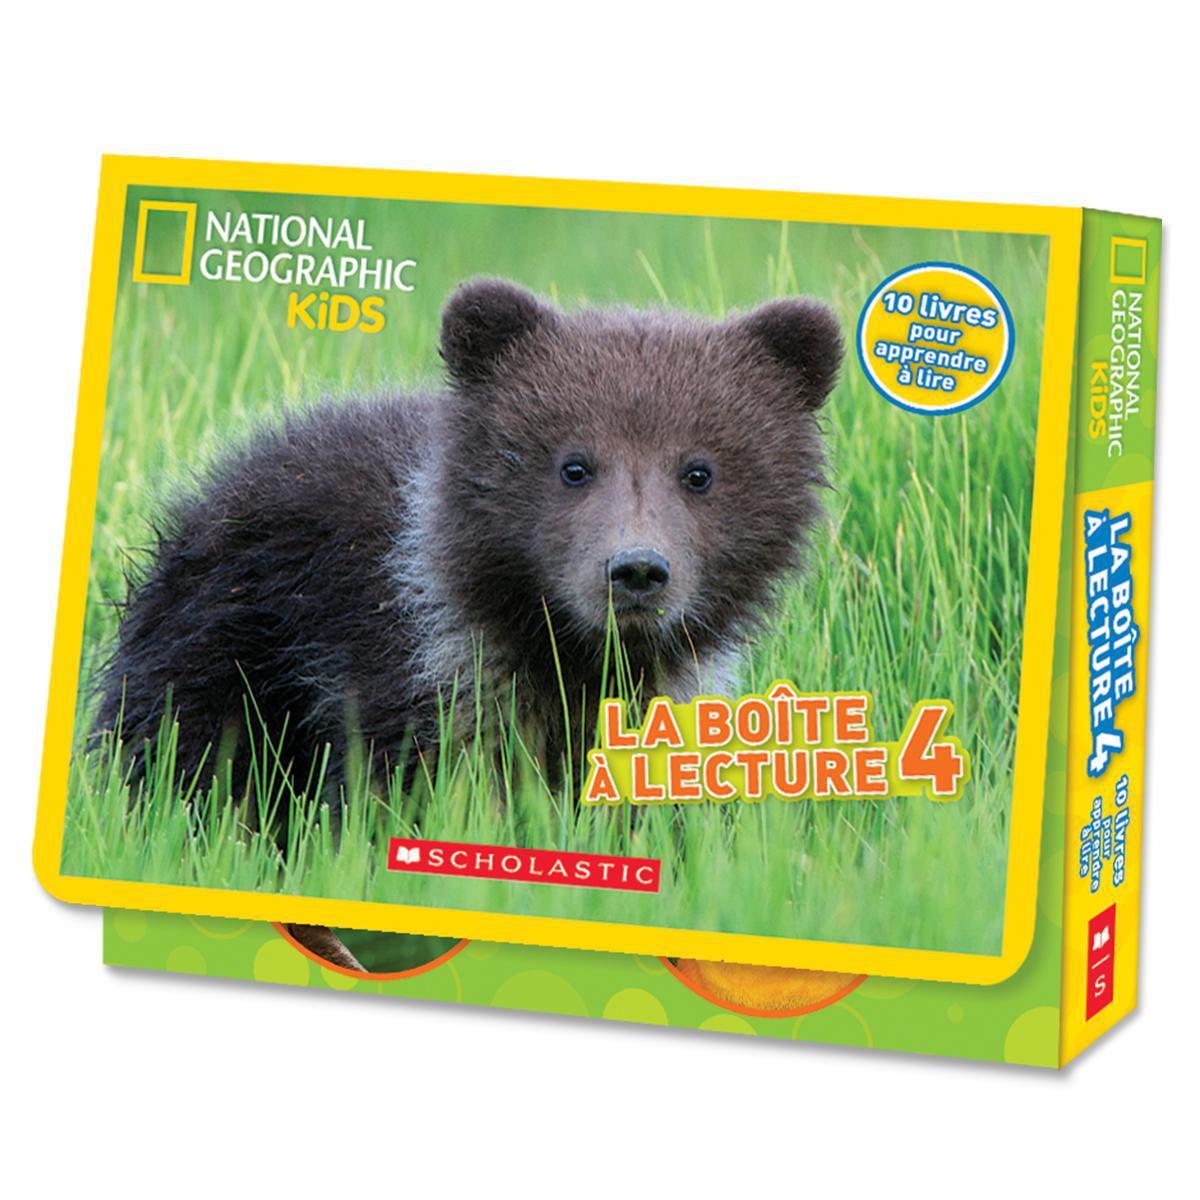 National Geographic Kids : La boîte à lecture 4